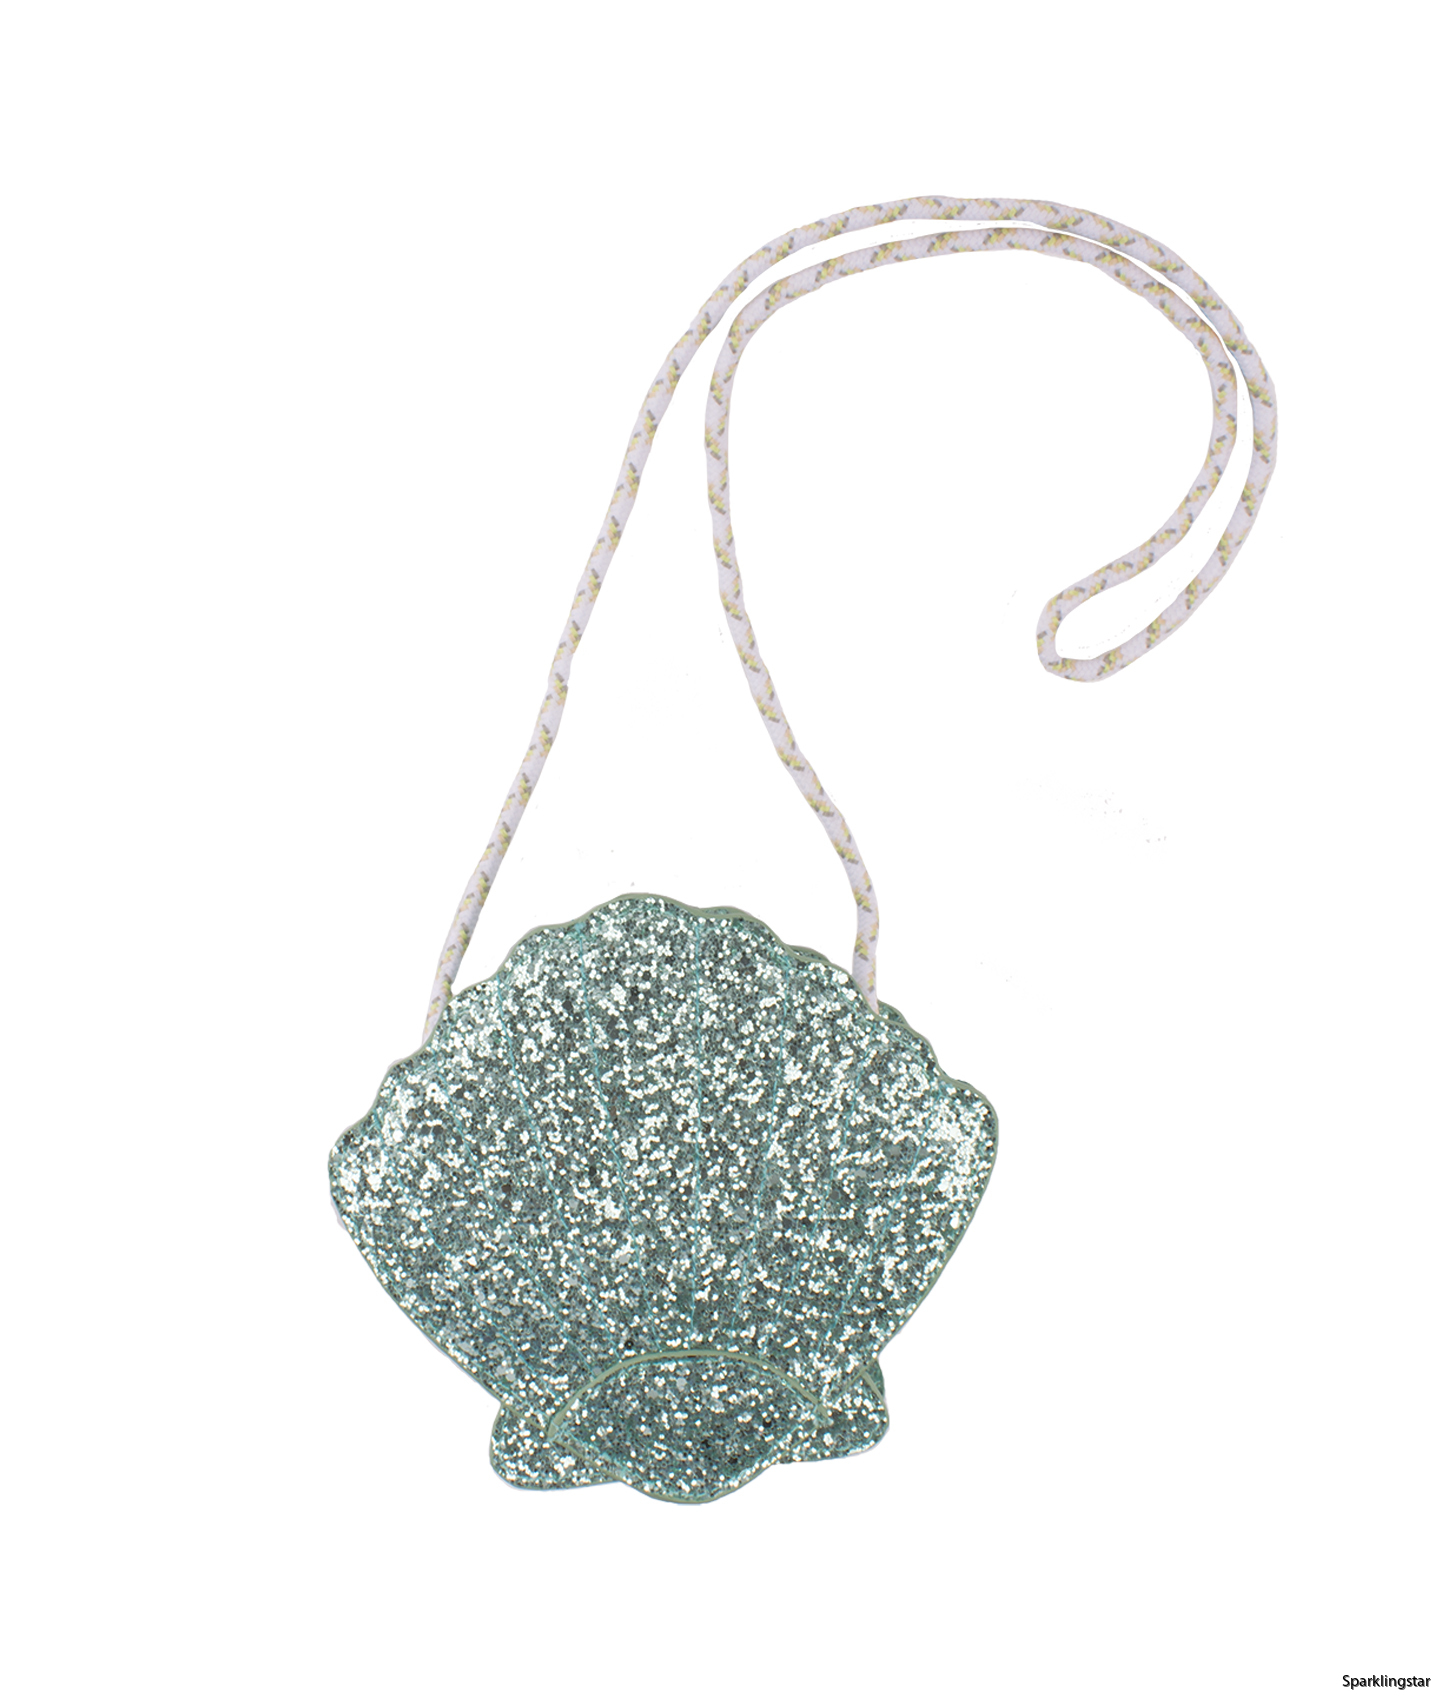 Livly Seashell Bag